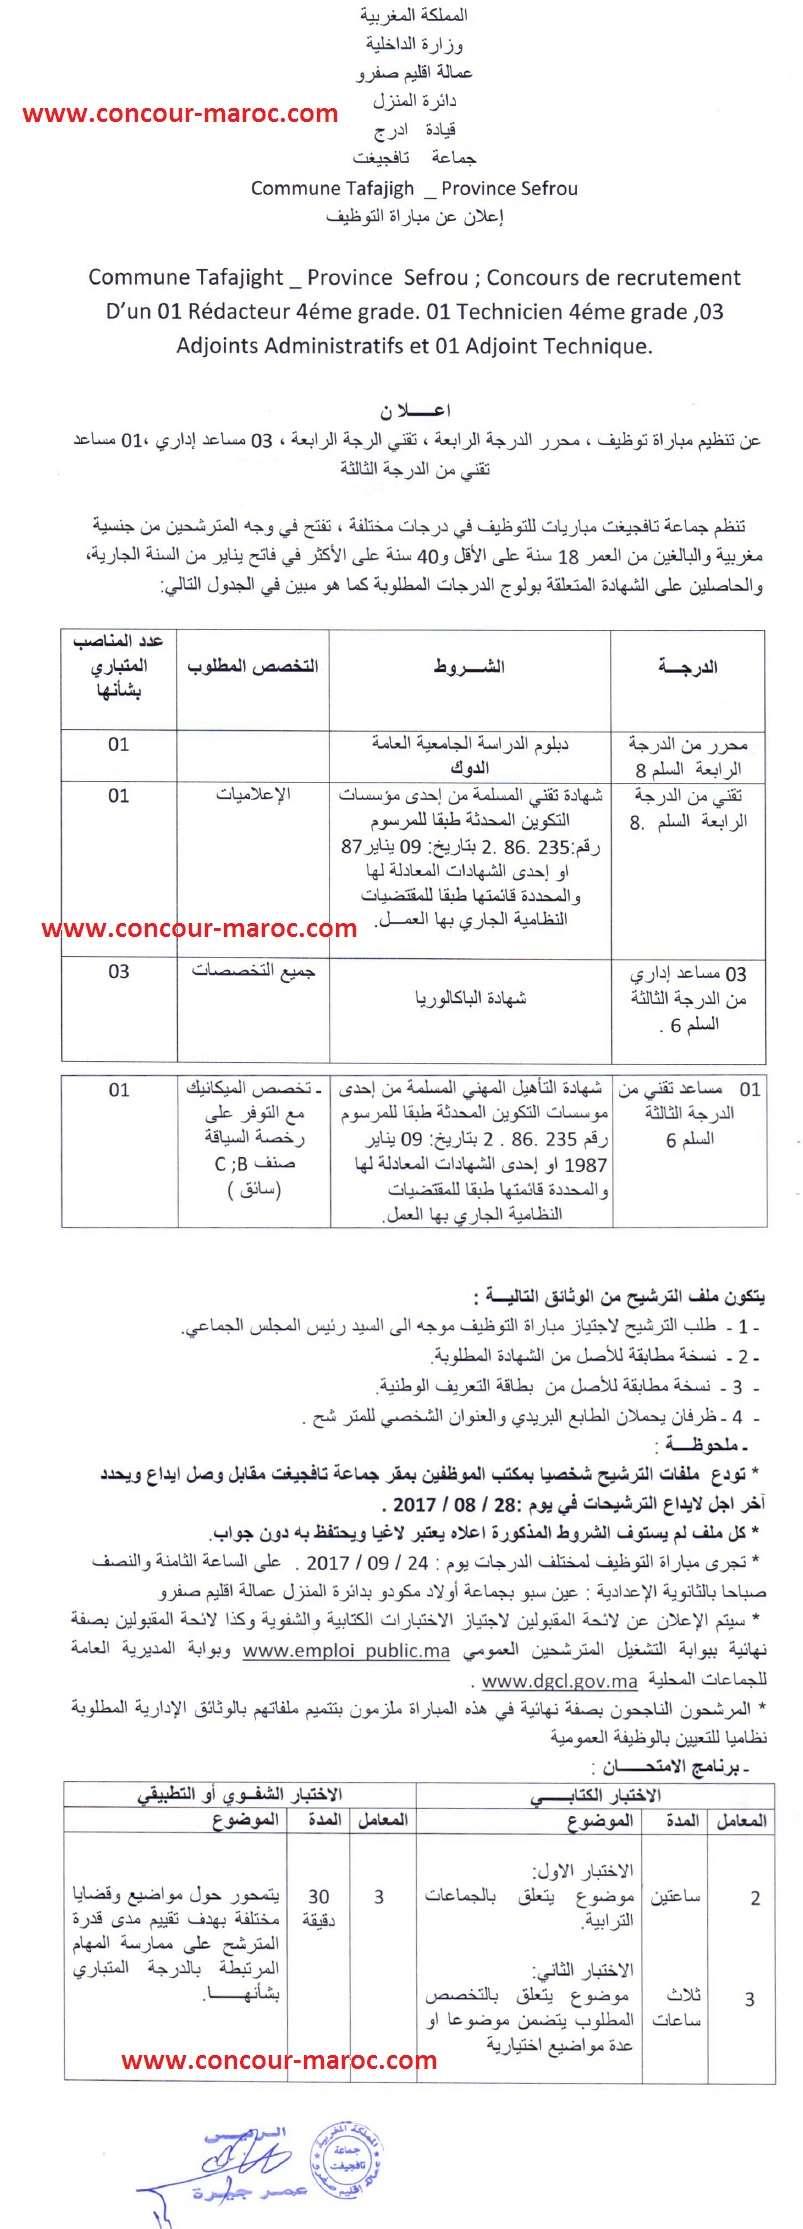 جماعة تافجيغت (إقليم صفرو) : مباراة للتوظيف في مختلف الدراجات (6 مناصب) آخر أجل 28 غشت 2017 Concou56